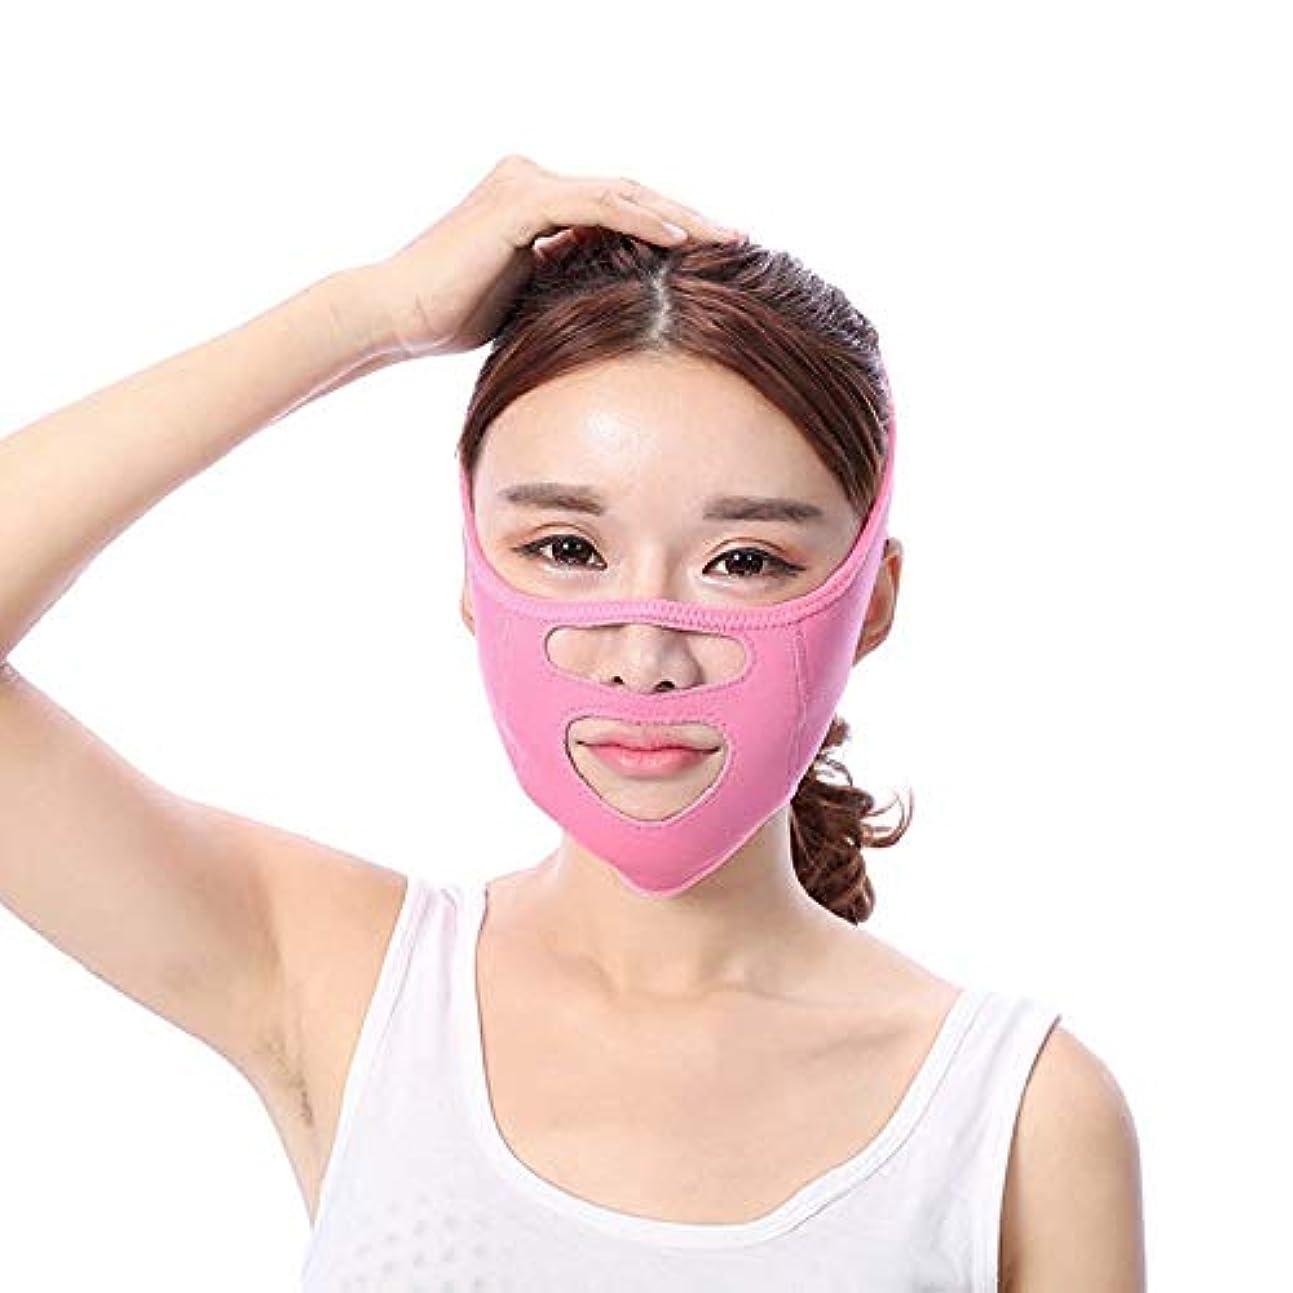 助言するルーアンペアBS 顔の持ち上がる痩身ベルト - あなたの顔のための素晴らしいトレーニング二重あごのワークアウトフェイスマスクベルト薄い顔包帯整形マスクは顔と首を締めますフェイススリム フェイスリフティングアーティファクト